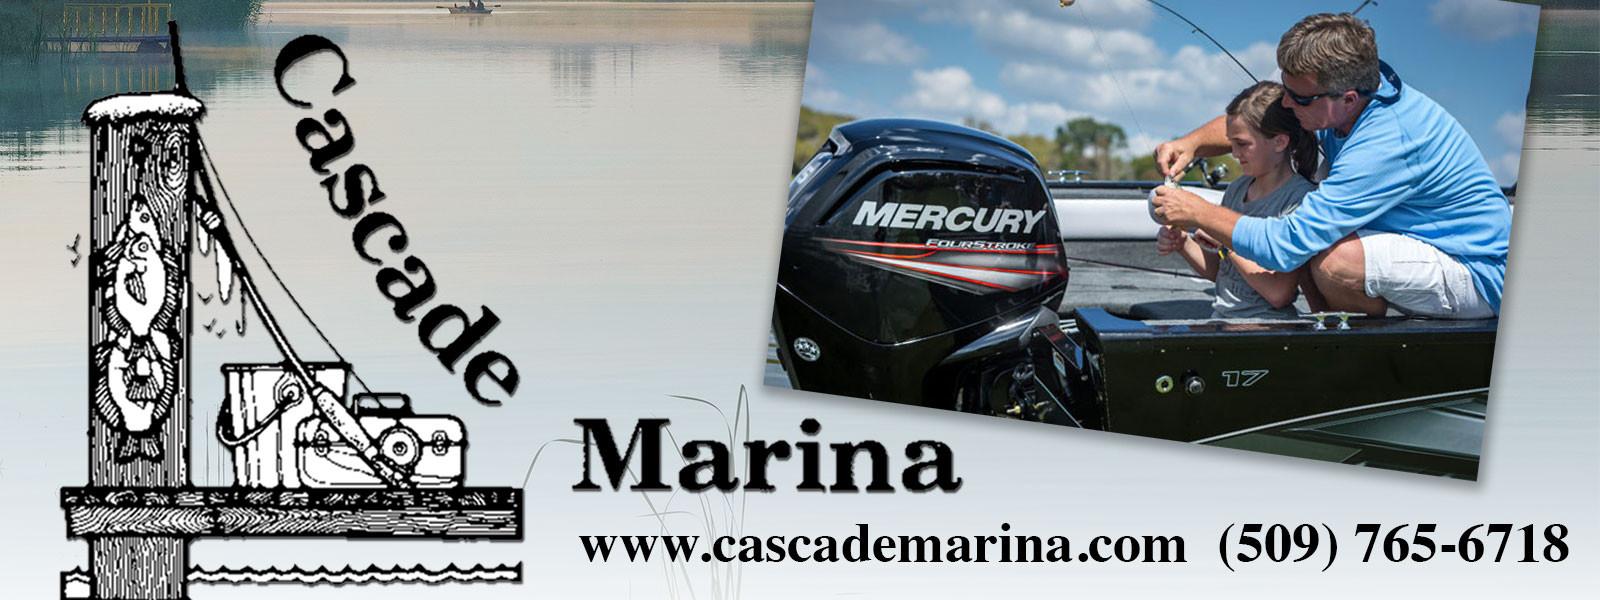 Cascade Marina